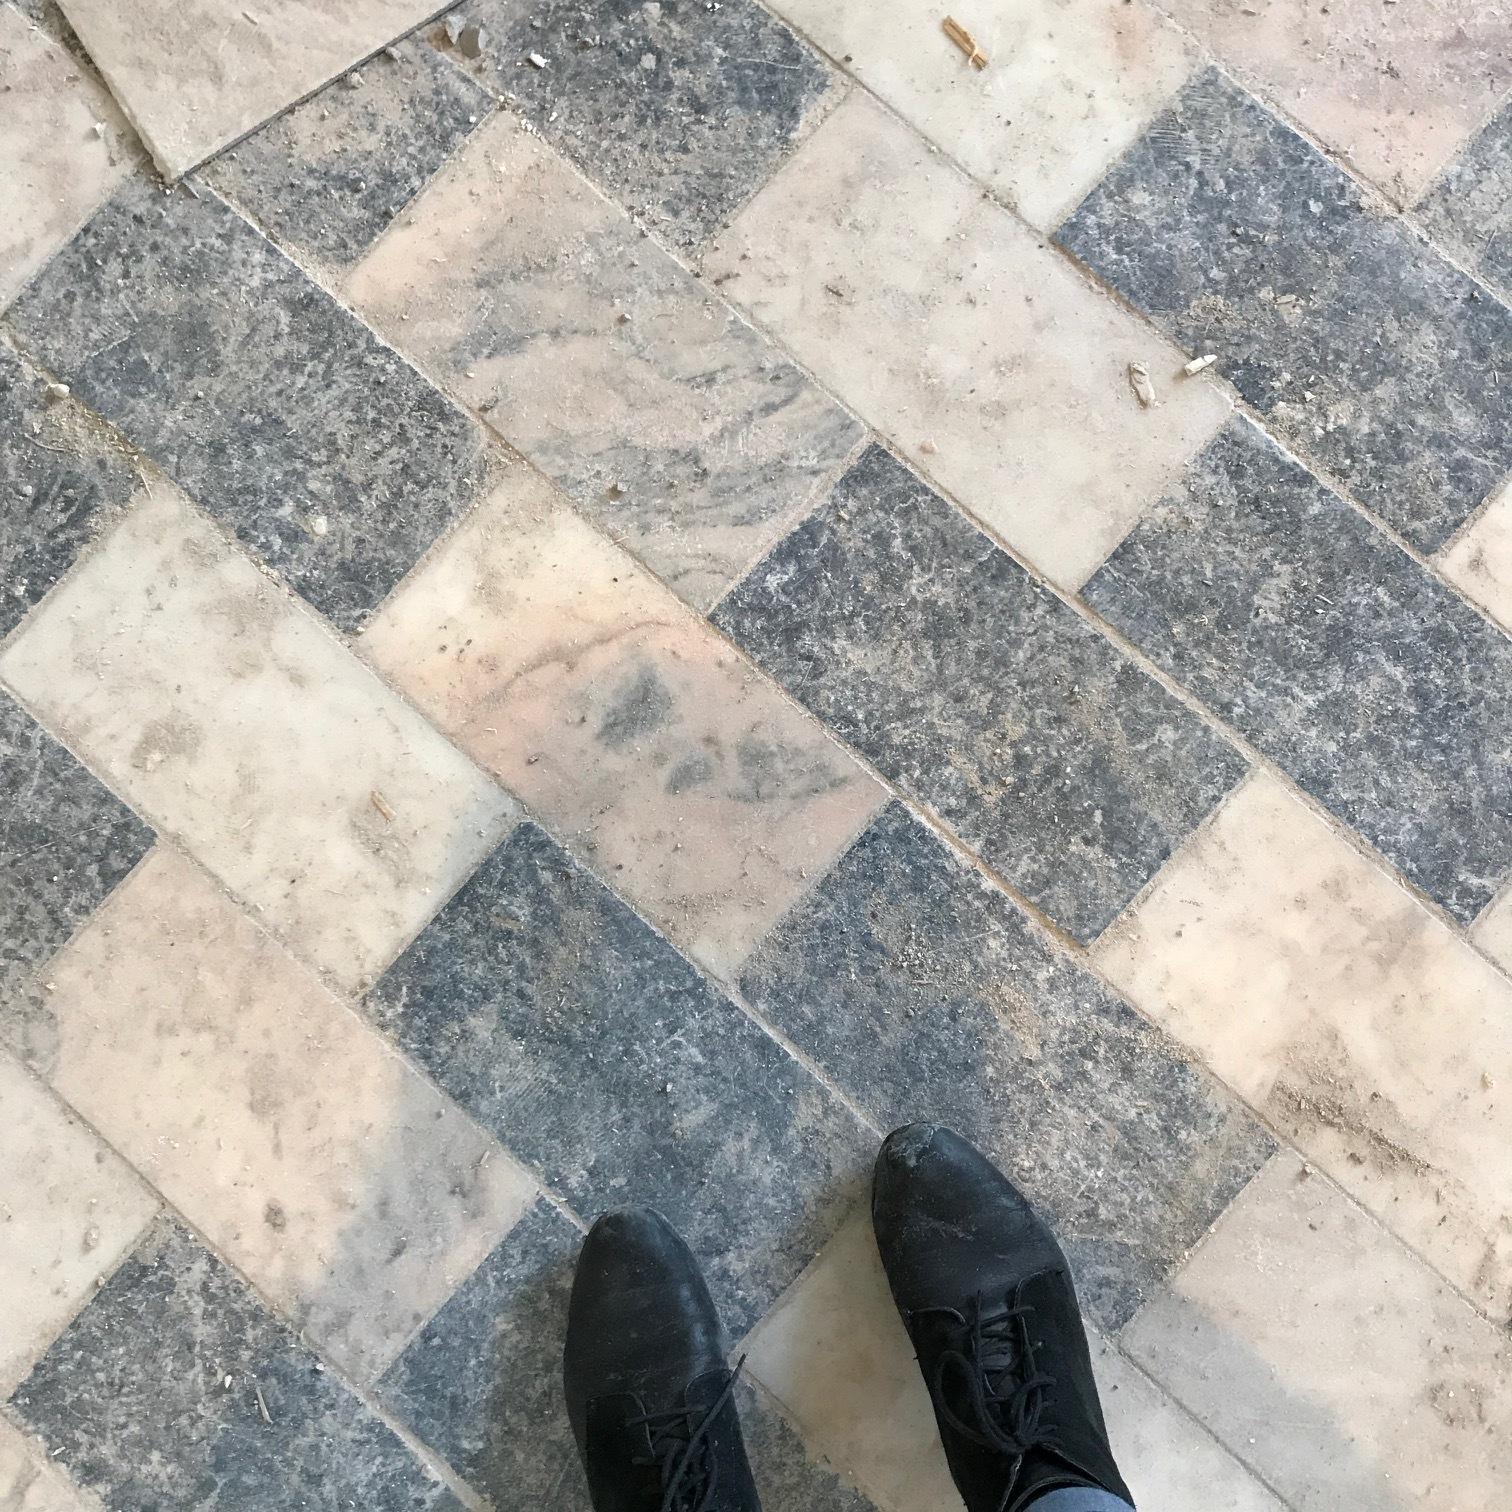 Plancher de marbre et d'ardoise existant dans le local